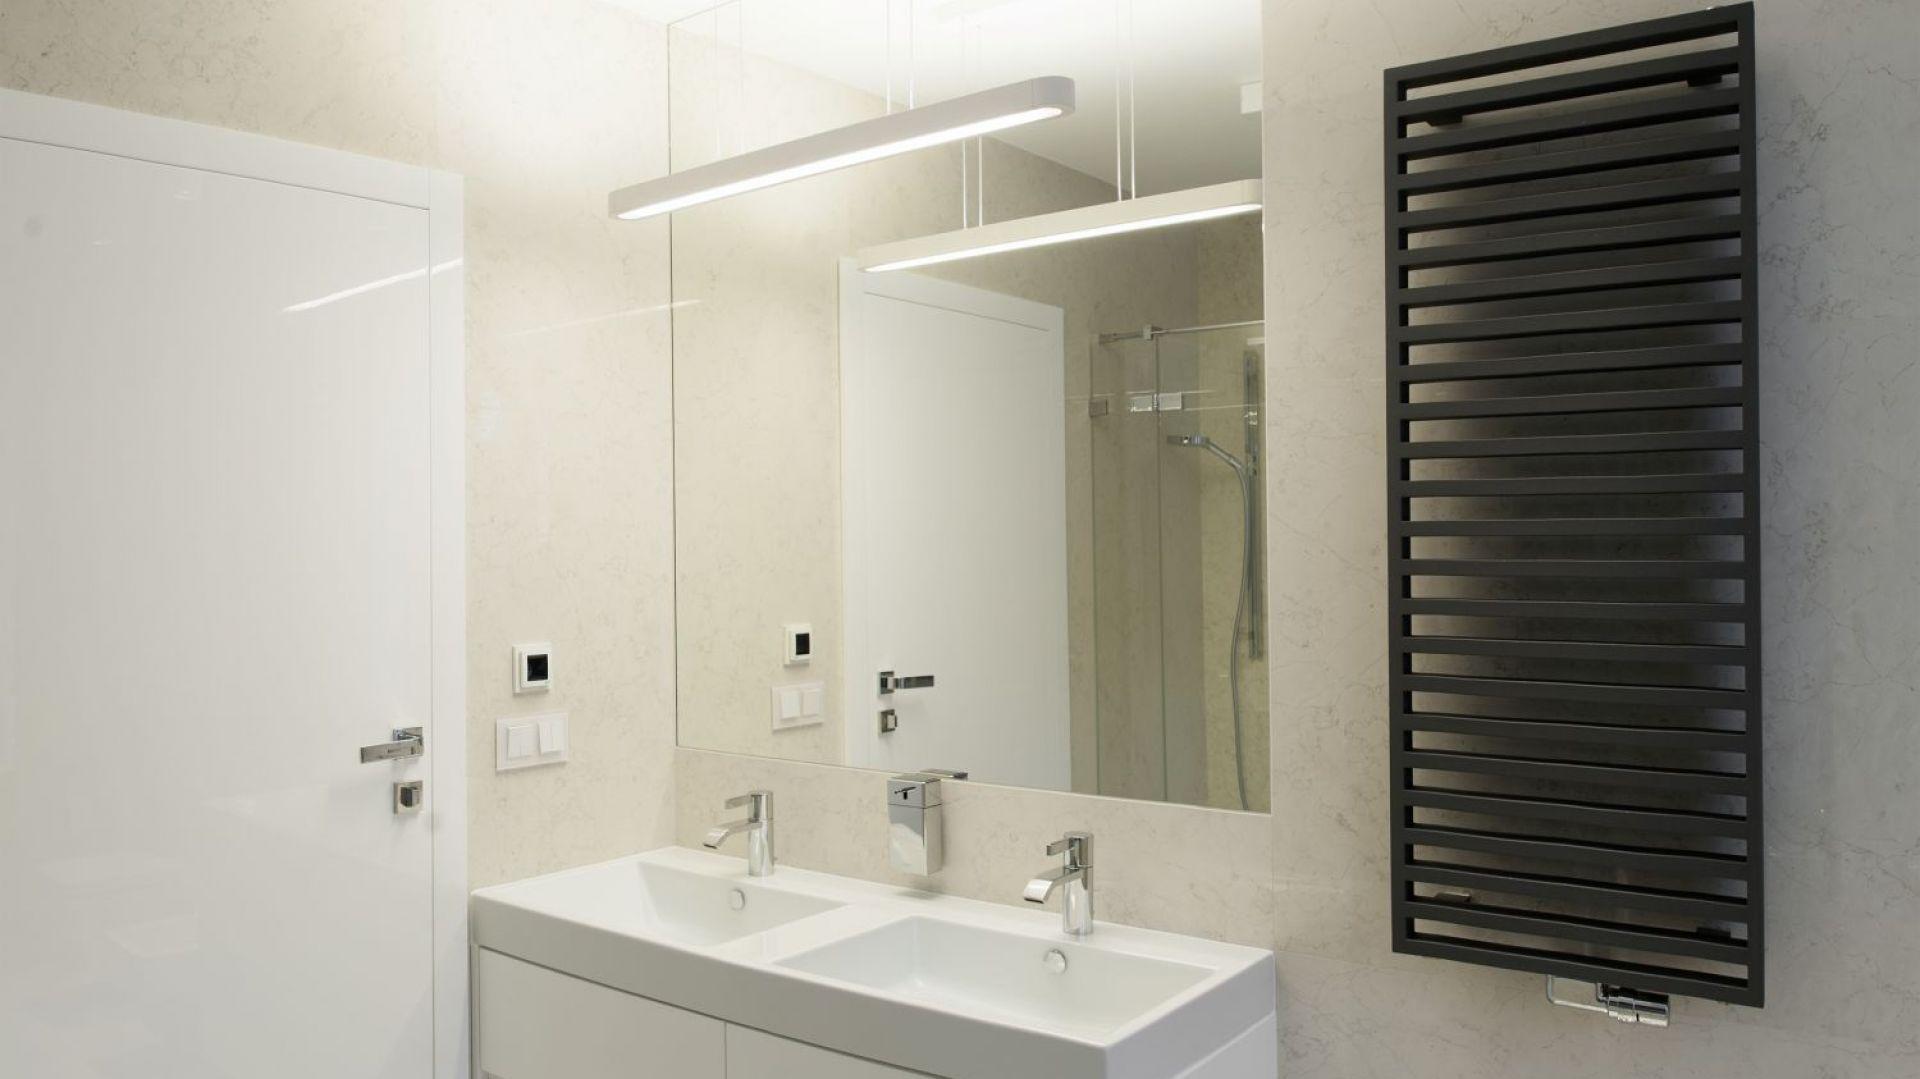 W nowoczesną aranżację łazienki idealnie wpisuje się proste, techniczne oświetlenie nad szafką umywalkową. Projekt: arch. Marta Pala-Szczerbak, Minimoo. Fot. Piotr Lipiecki